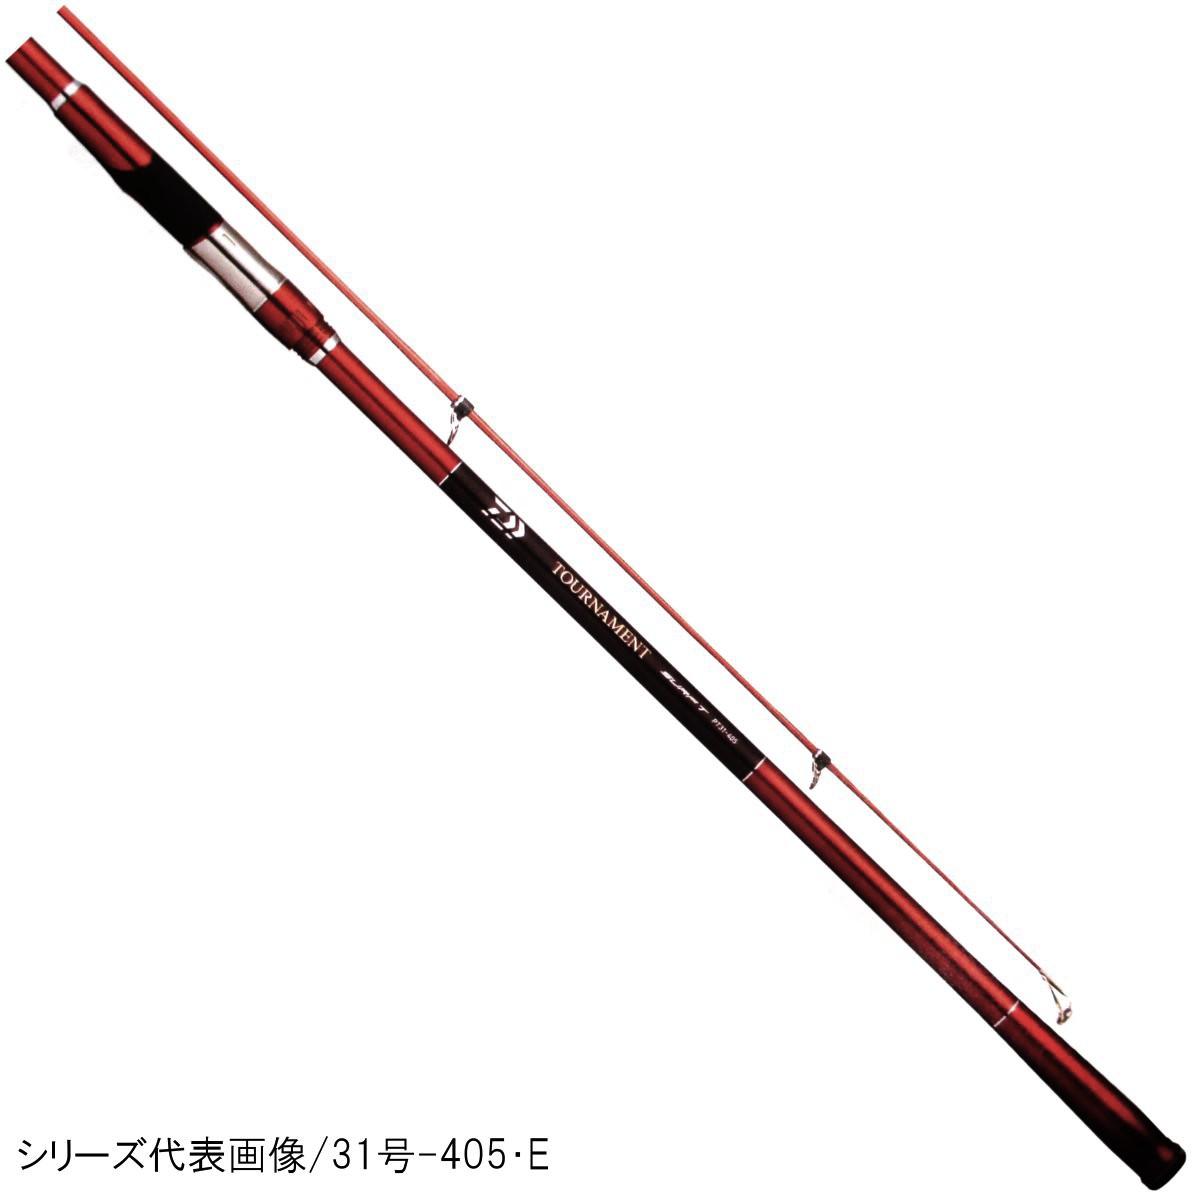 ダイワ トーナメントサーフT パワートルク 29号-405・E【大型商品】【送料無料】